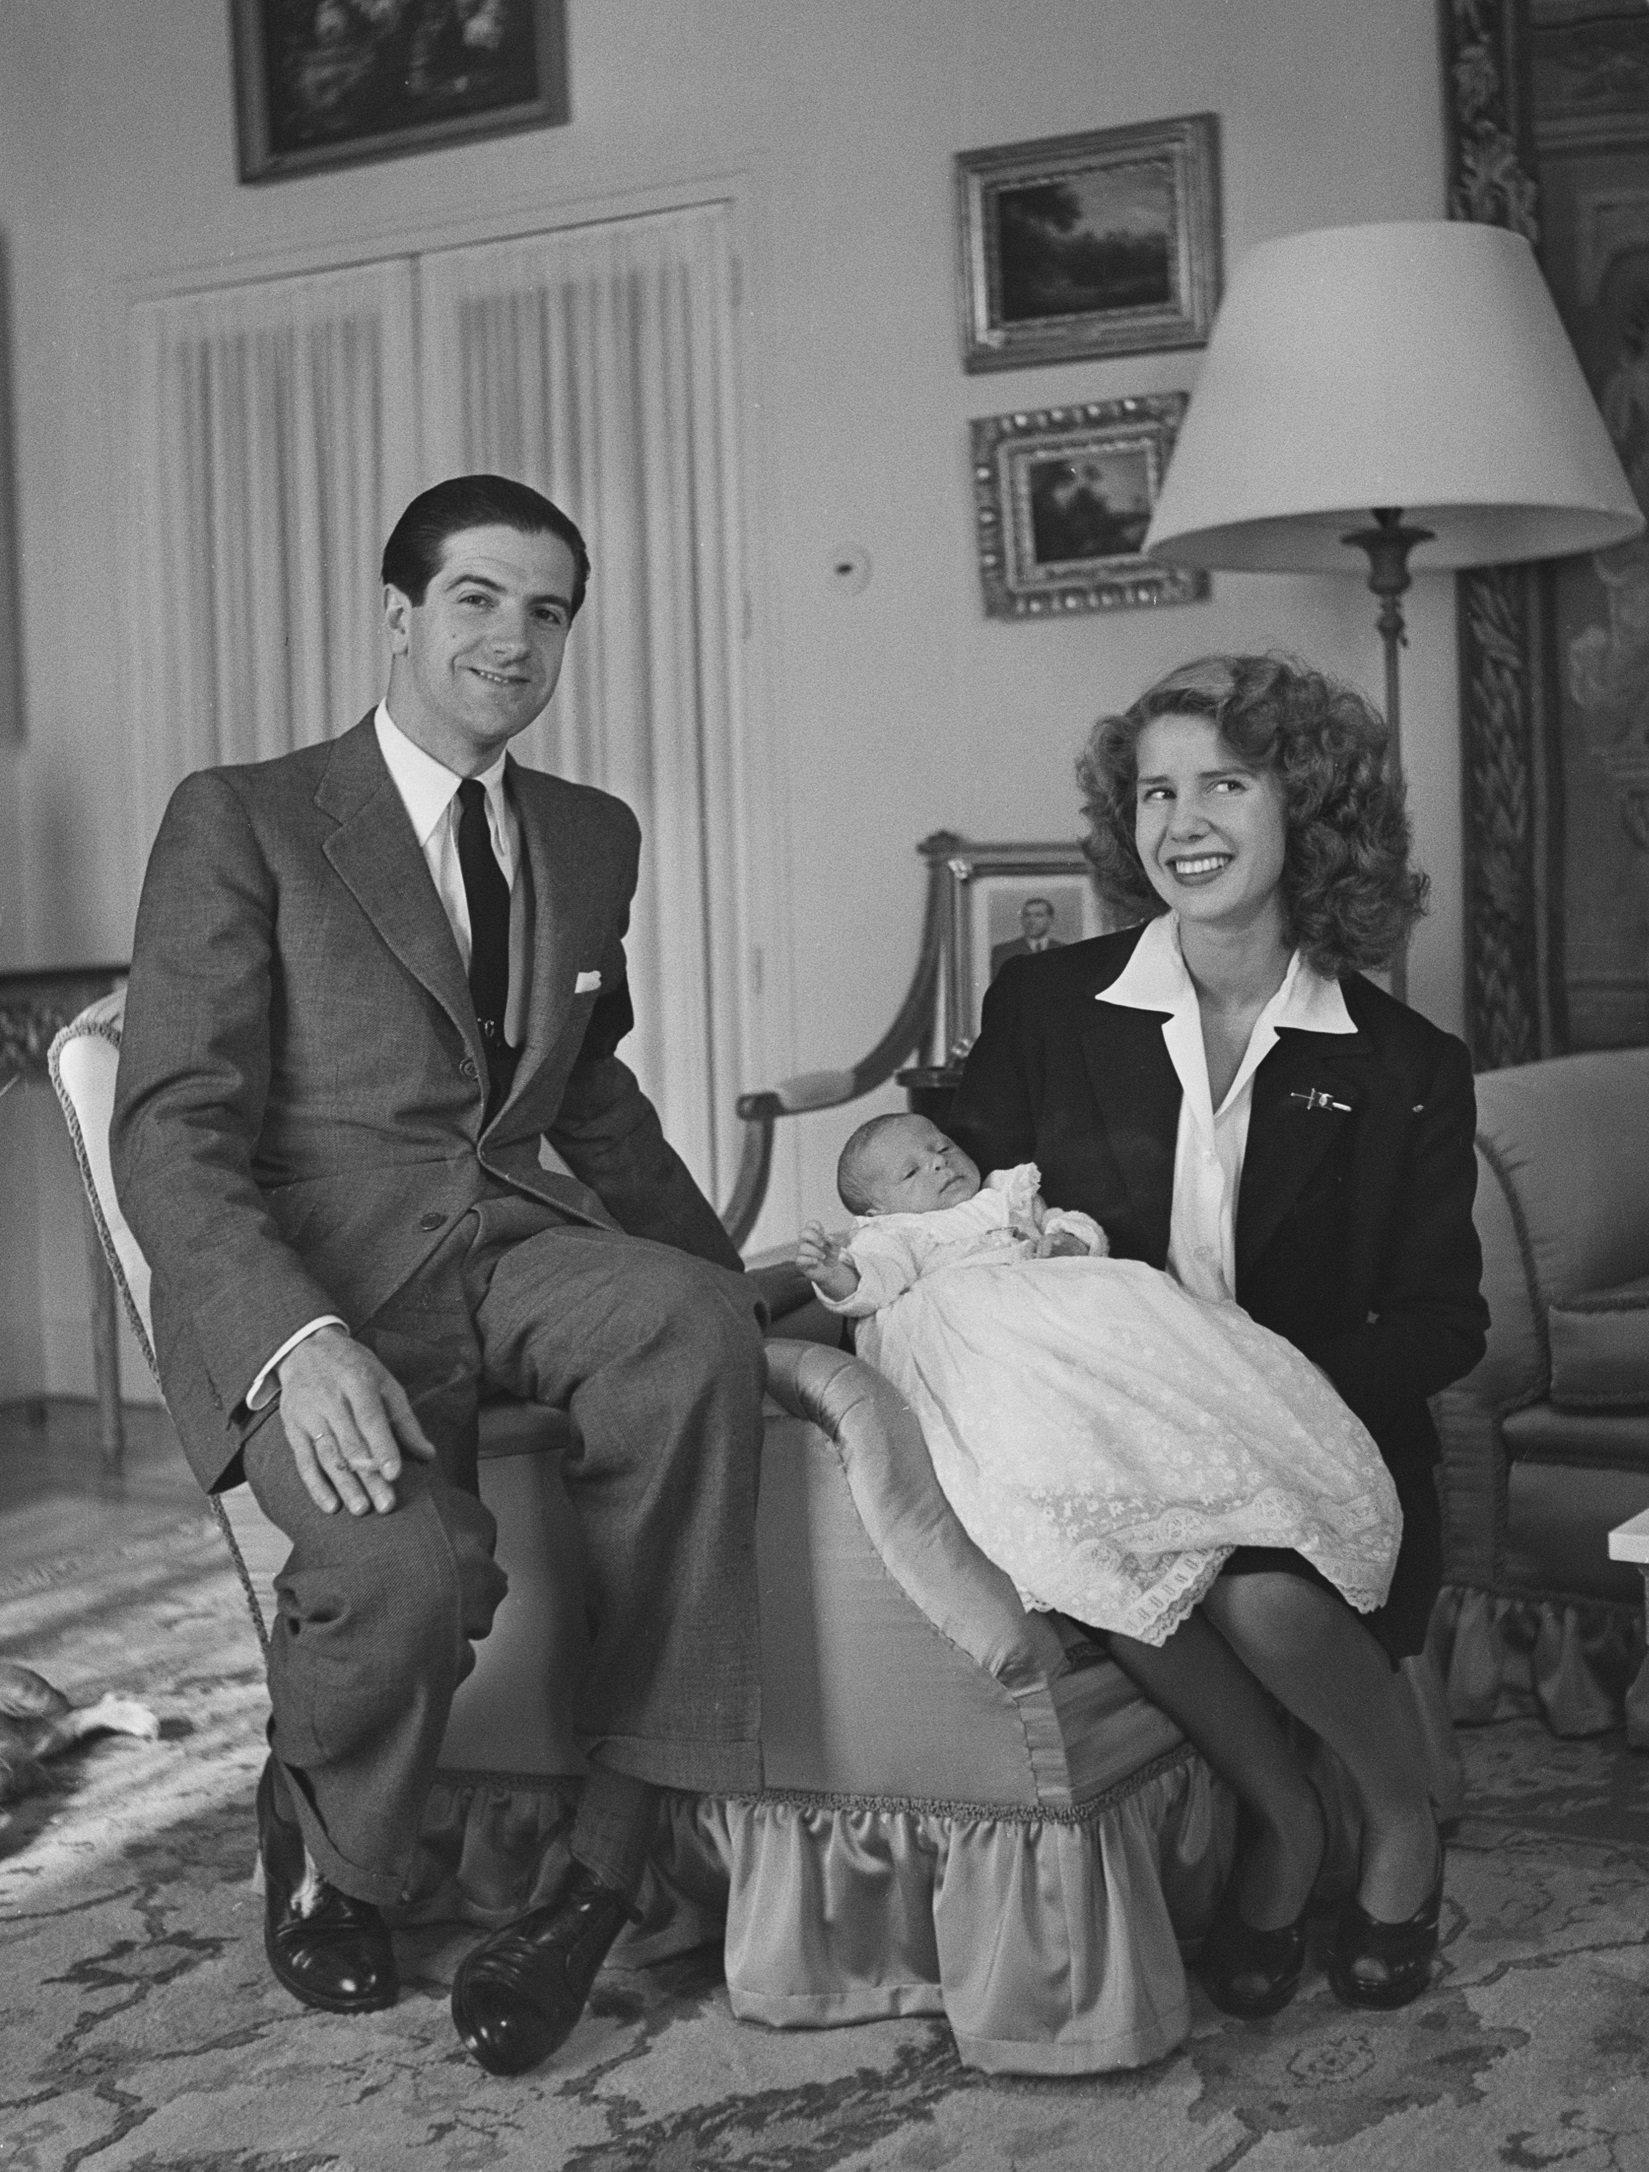 Luis Martínez de Irujo y Cayetana Fitz-James, Duquesa de Alba, junto a su primogénito || Fuente: Getty Images